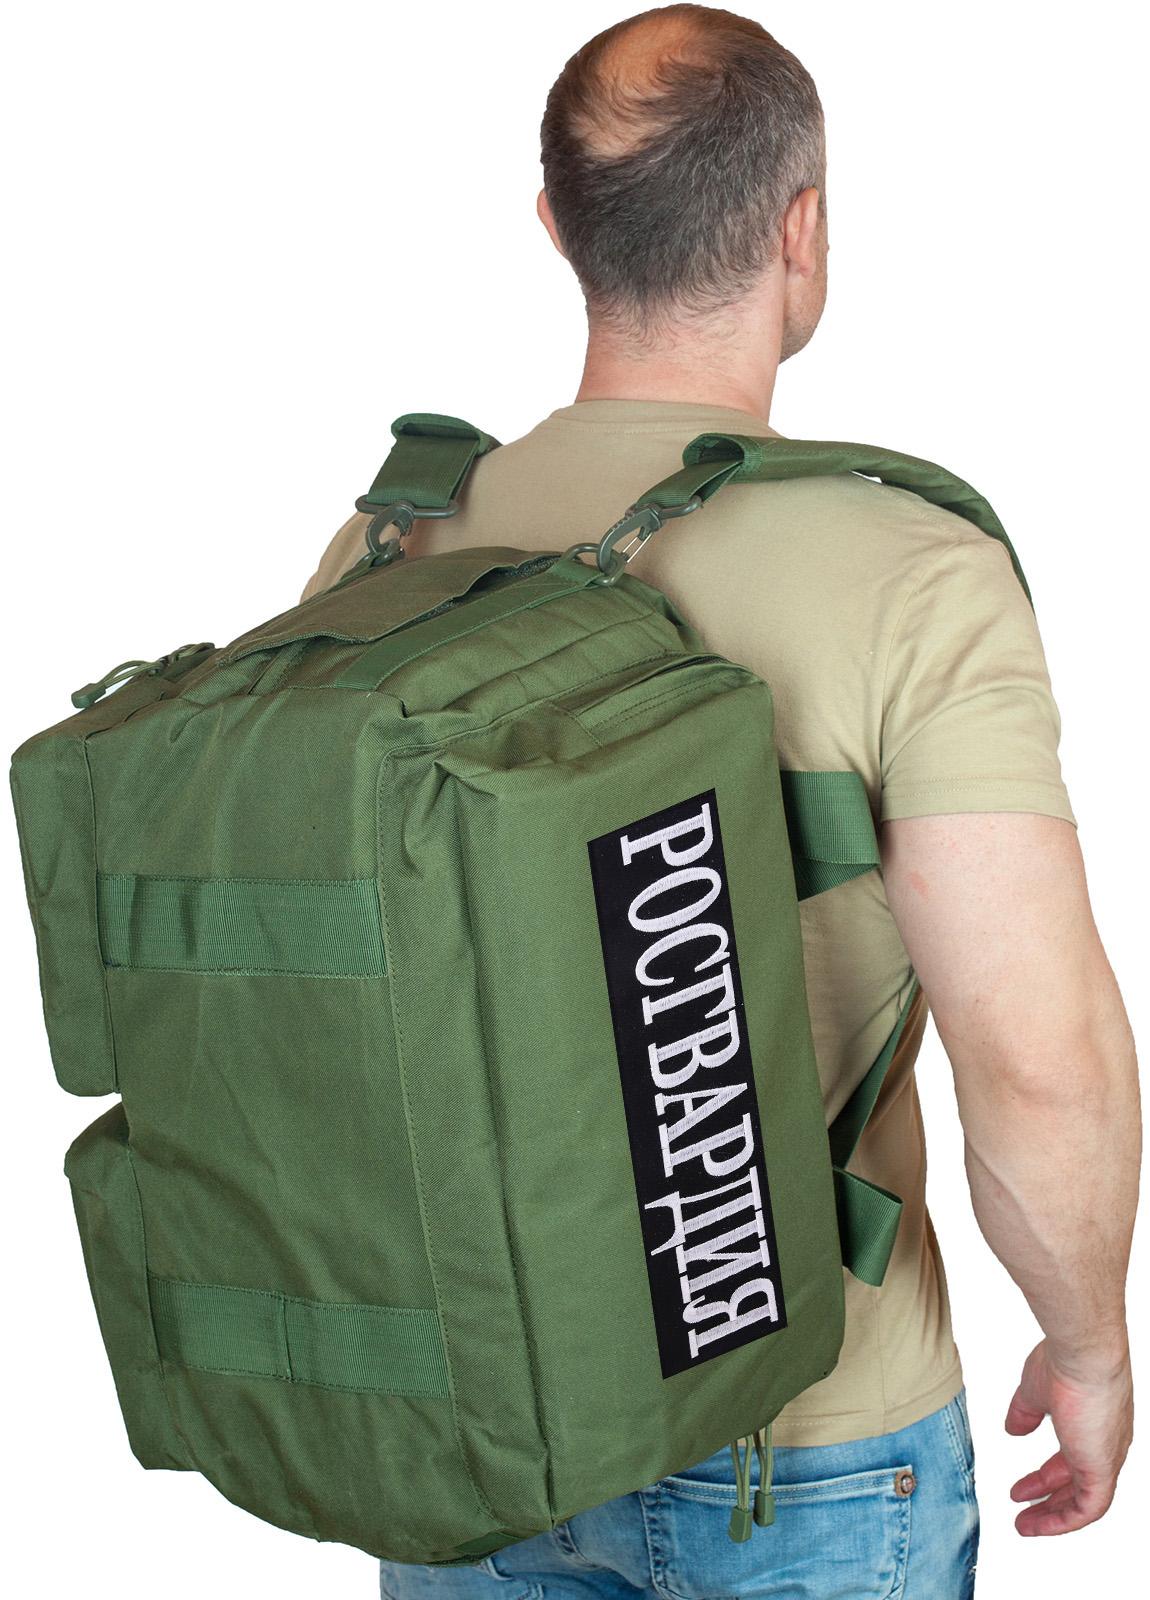 Купить походную армейскую сумку-рюкзак Росгвардия с доставкой по России и не только